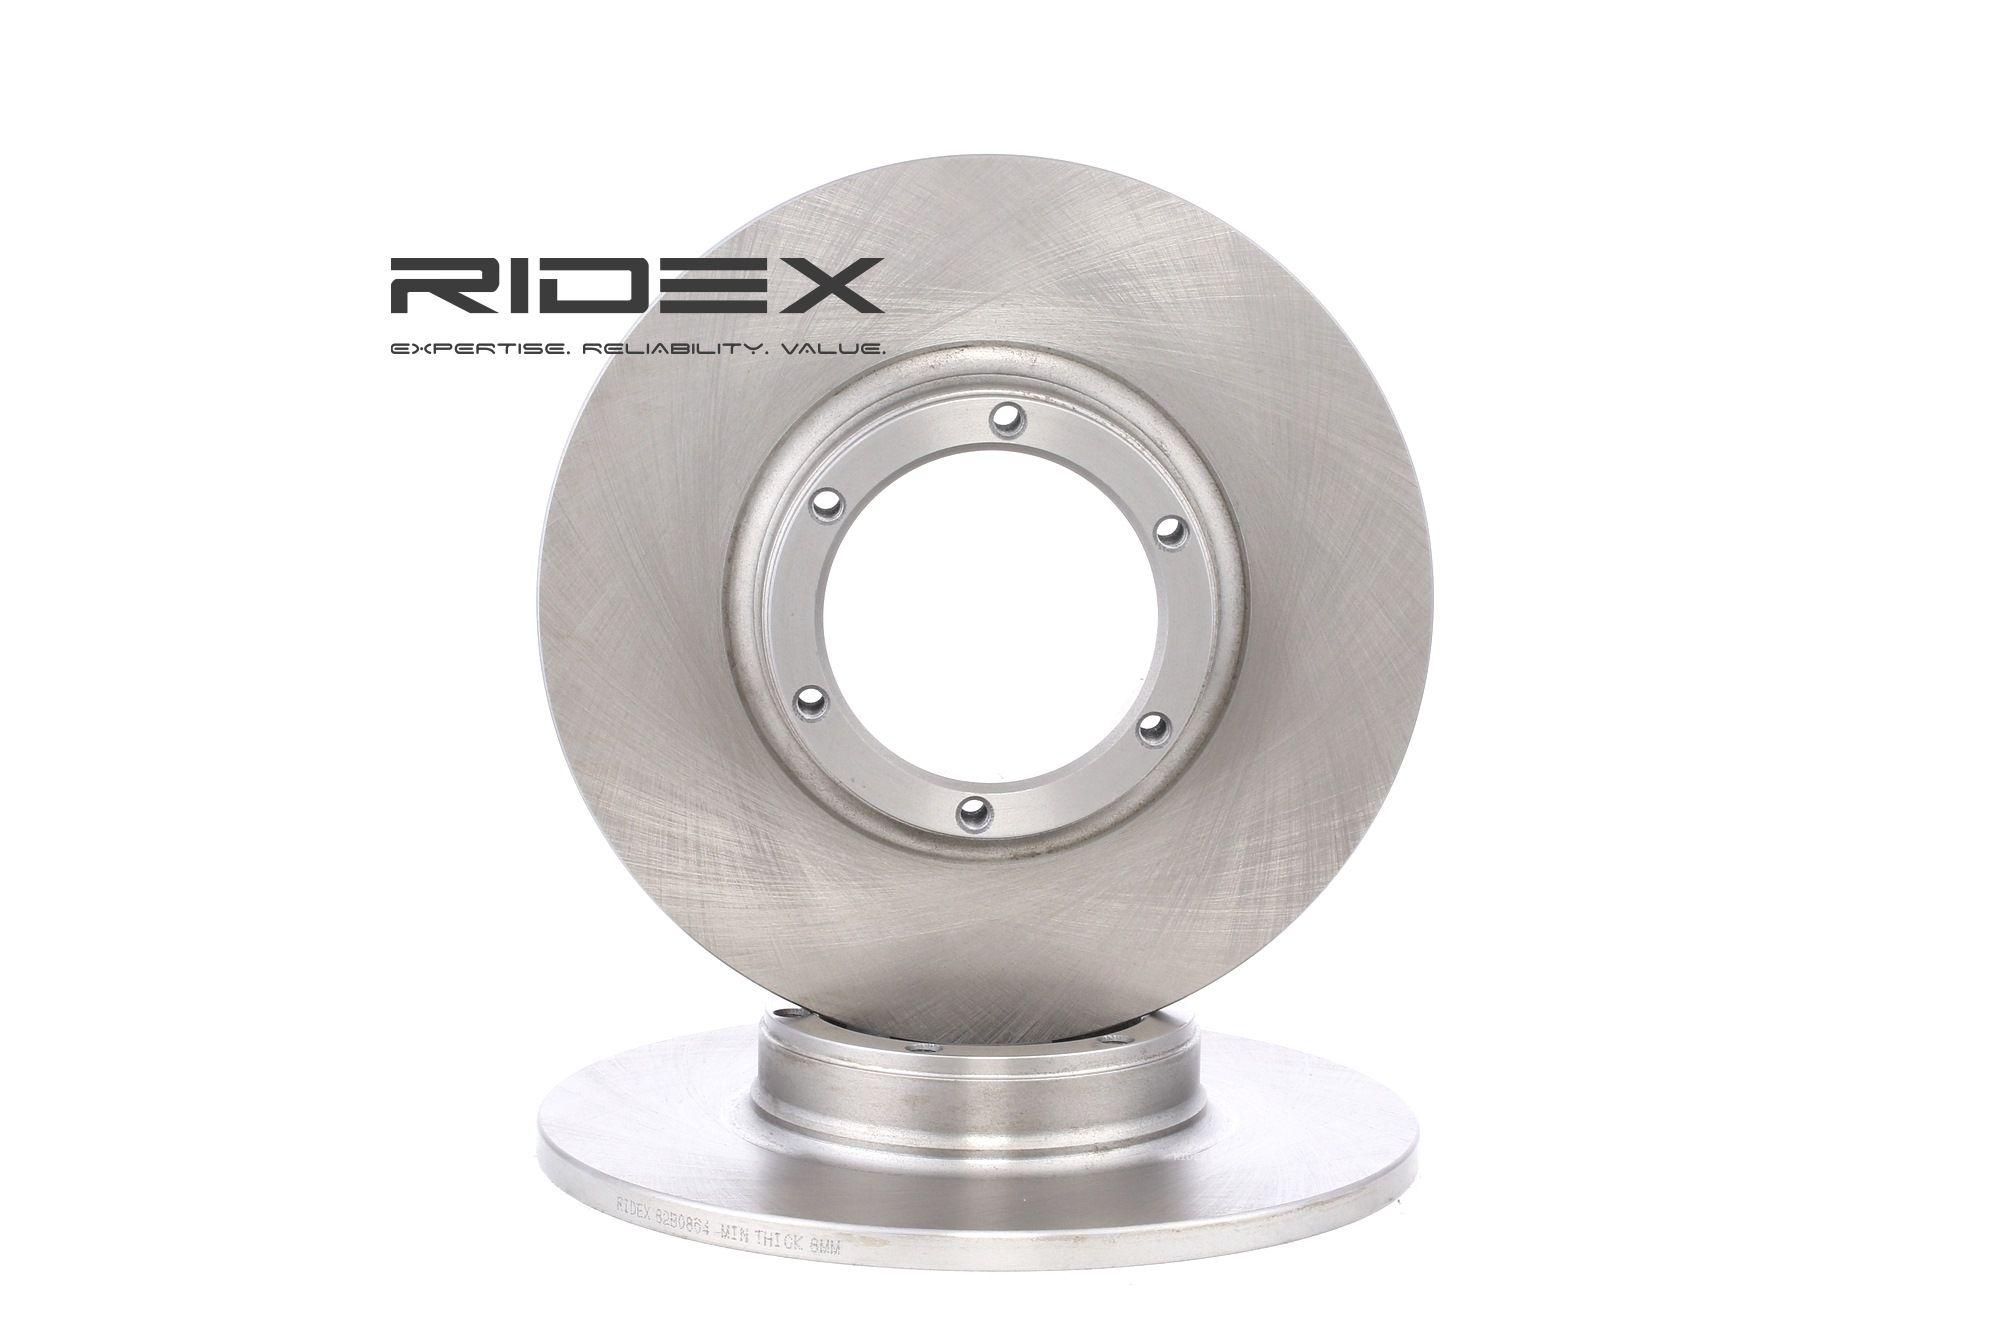 Schijfremmen 82B0854 met een uitzonderlijke RIDEX prijs-prestatieverhouding